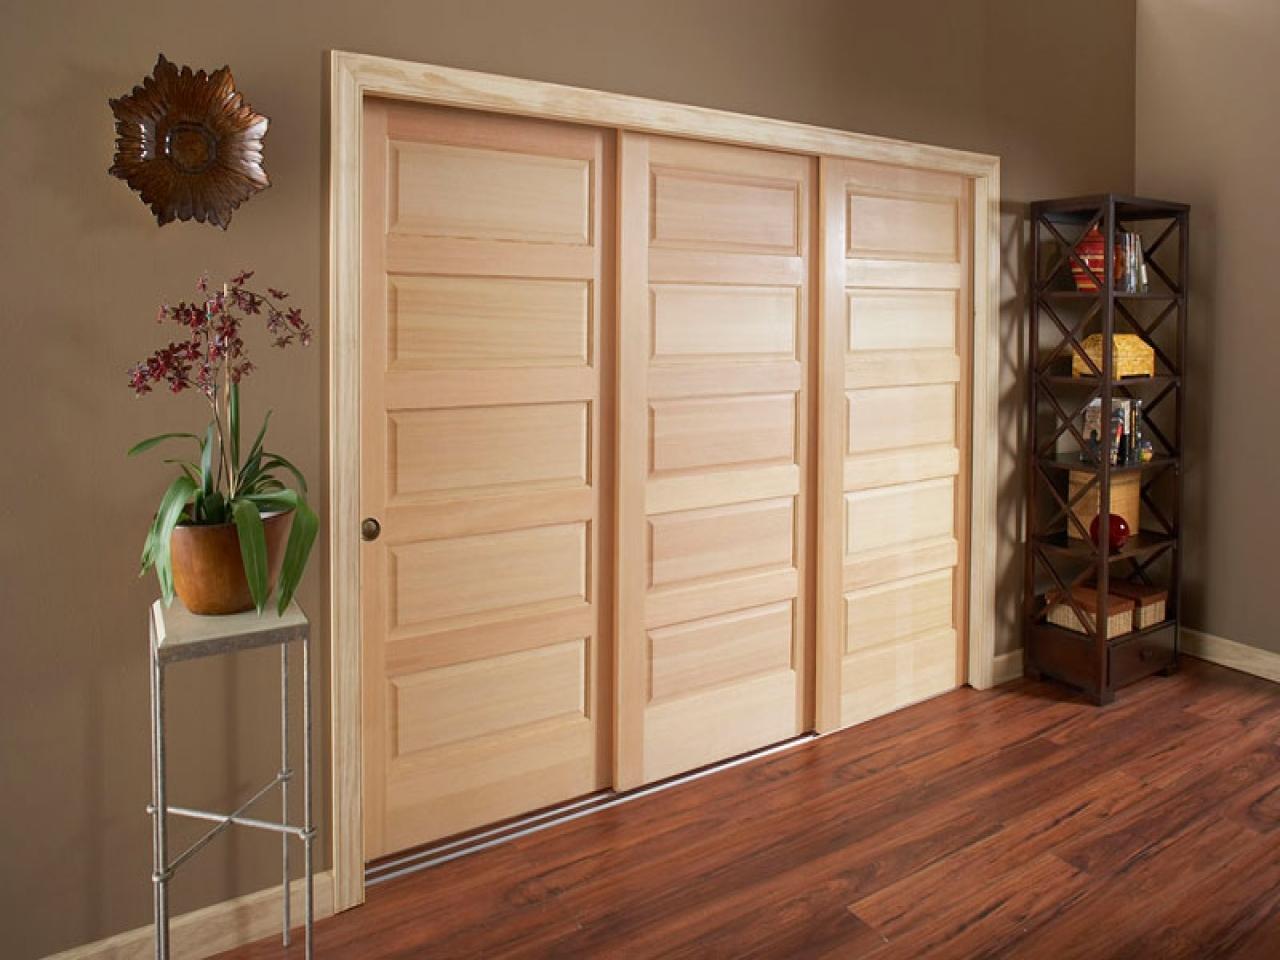 Sliding Bypass Closet Door Hardwarewooden pass closet door hardware cabinet hardware room